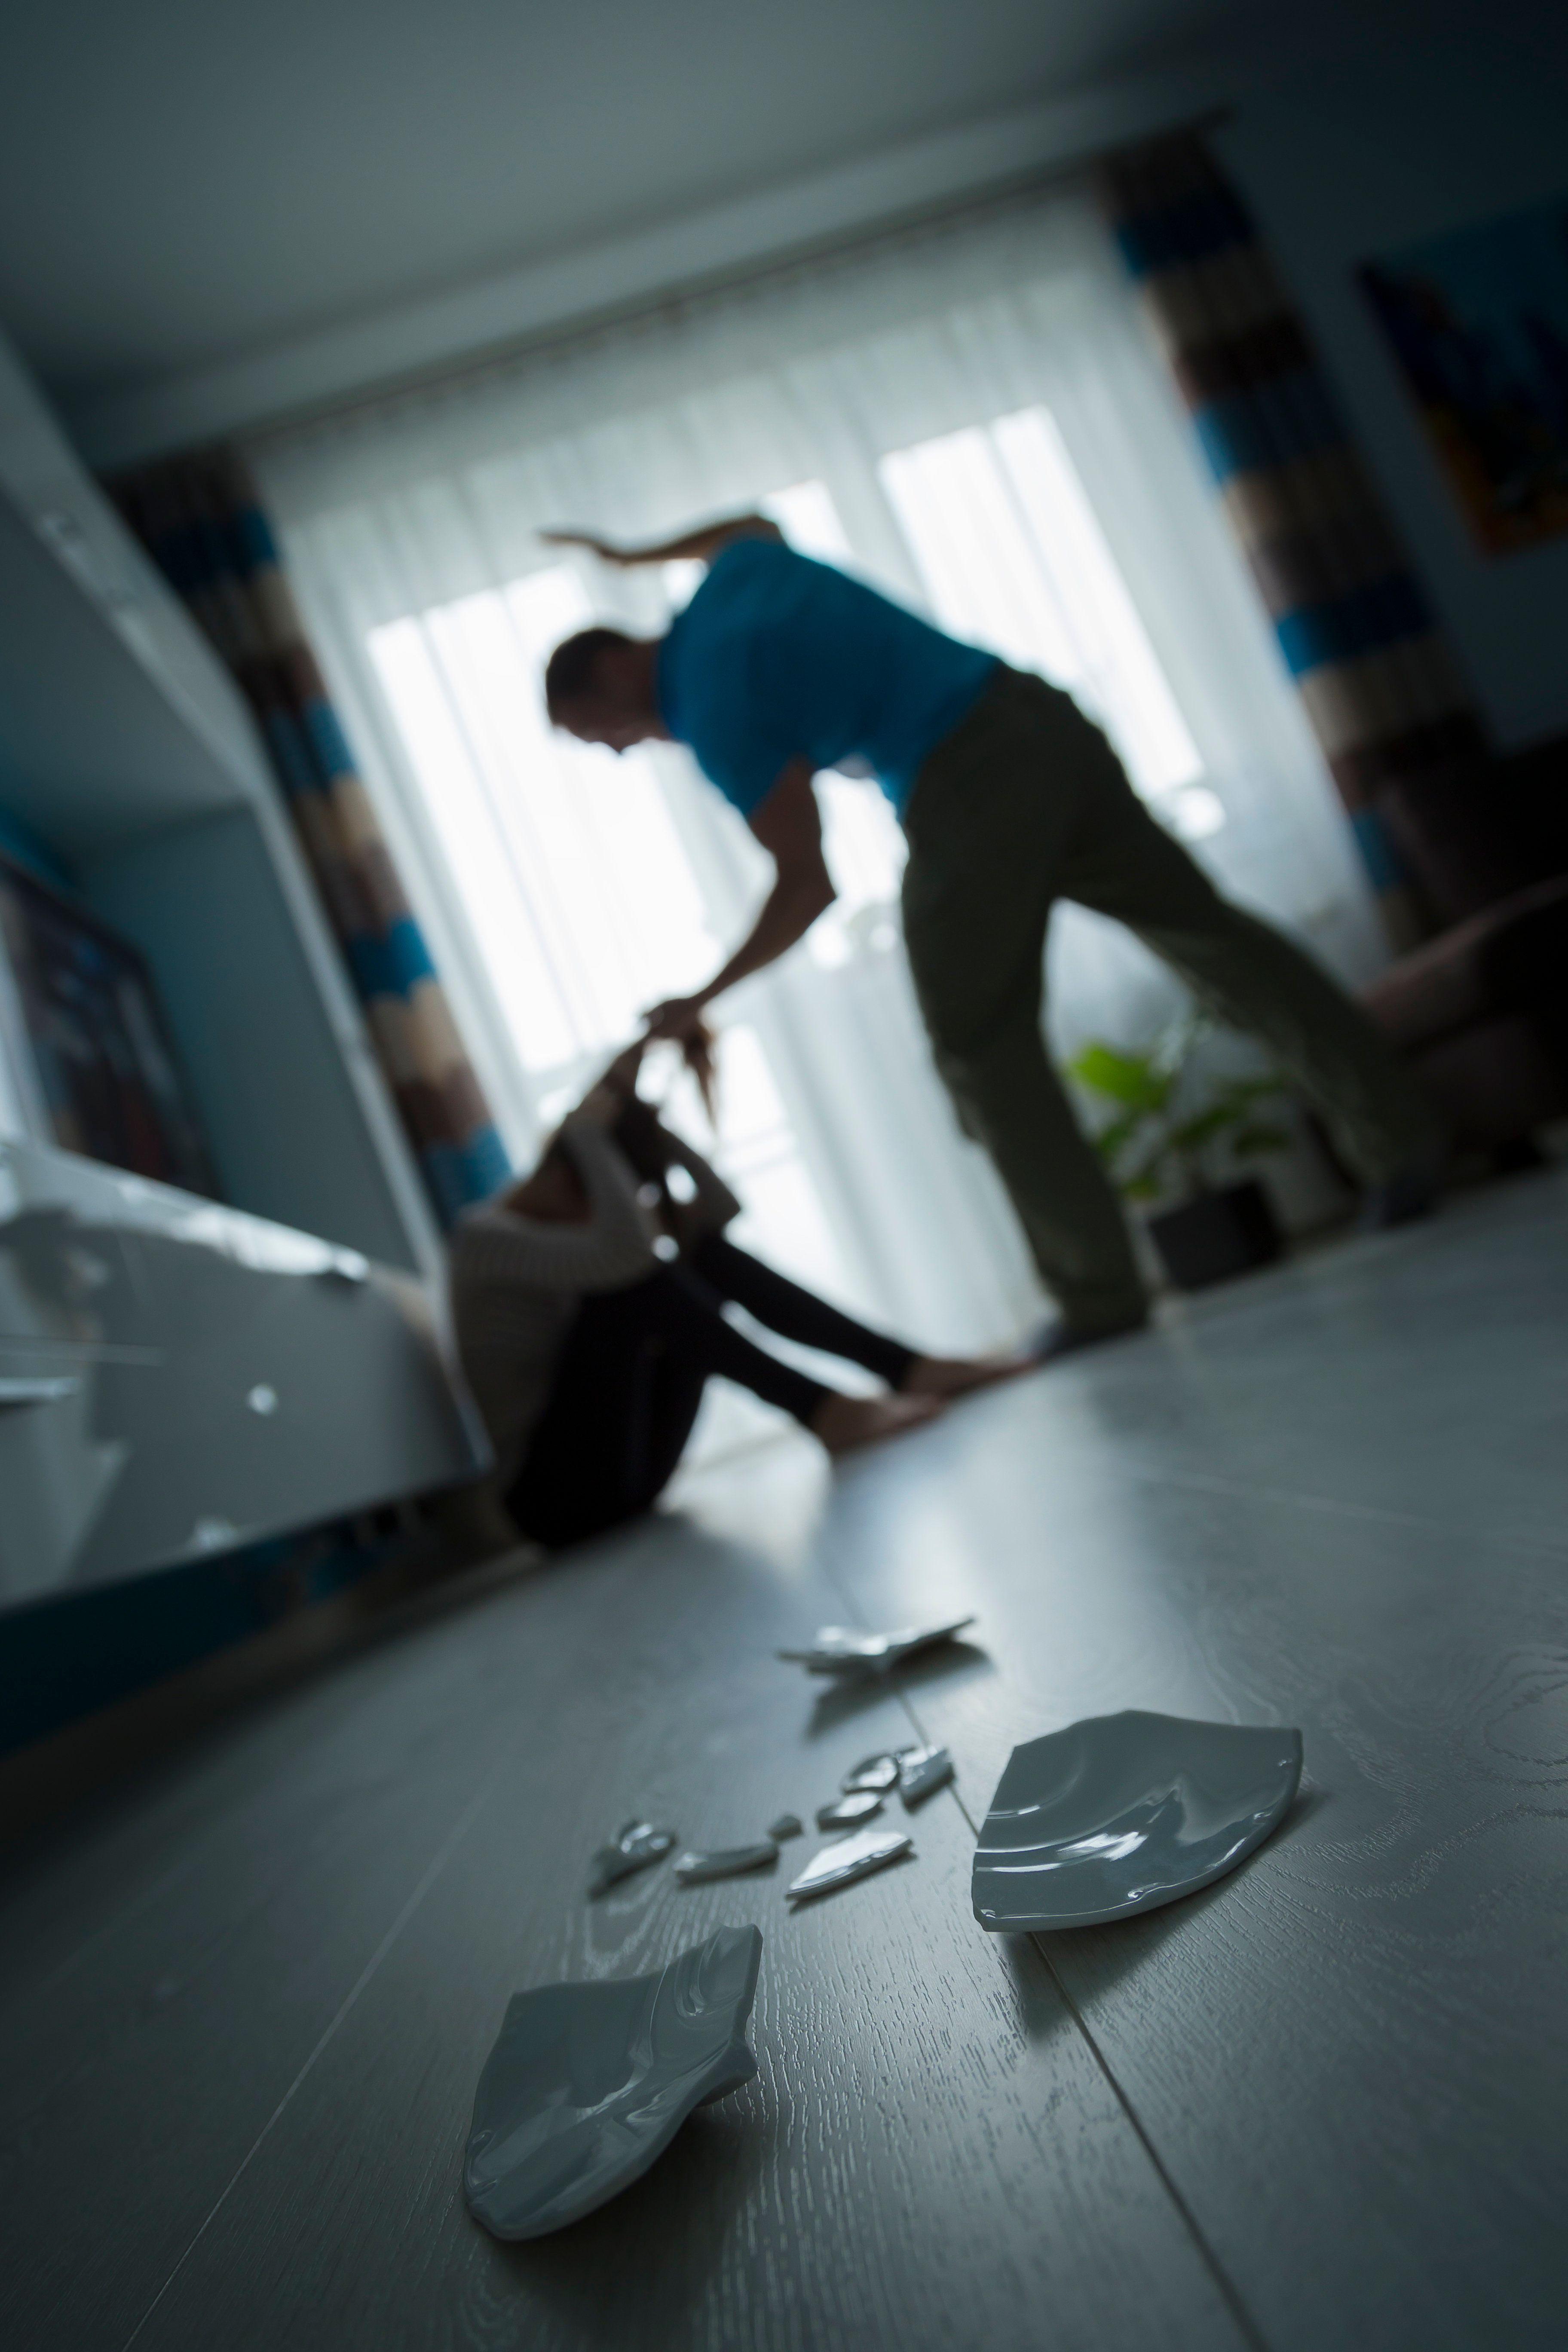 Violences faites aux femmes: 60% des meurtres sont commis au sein du domicile